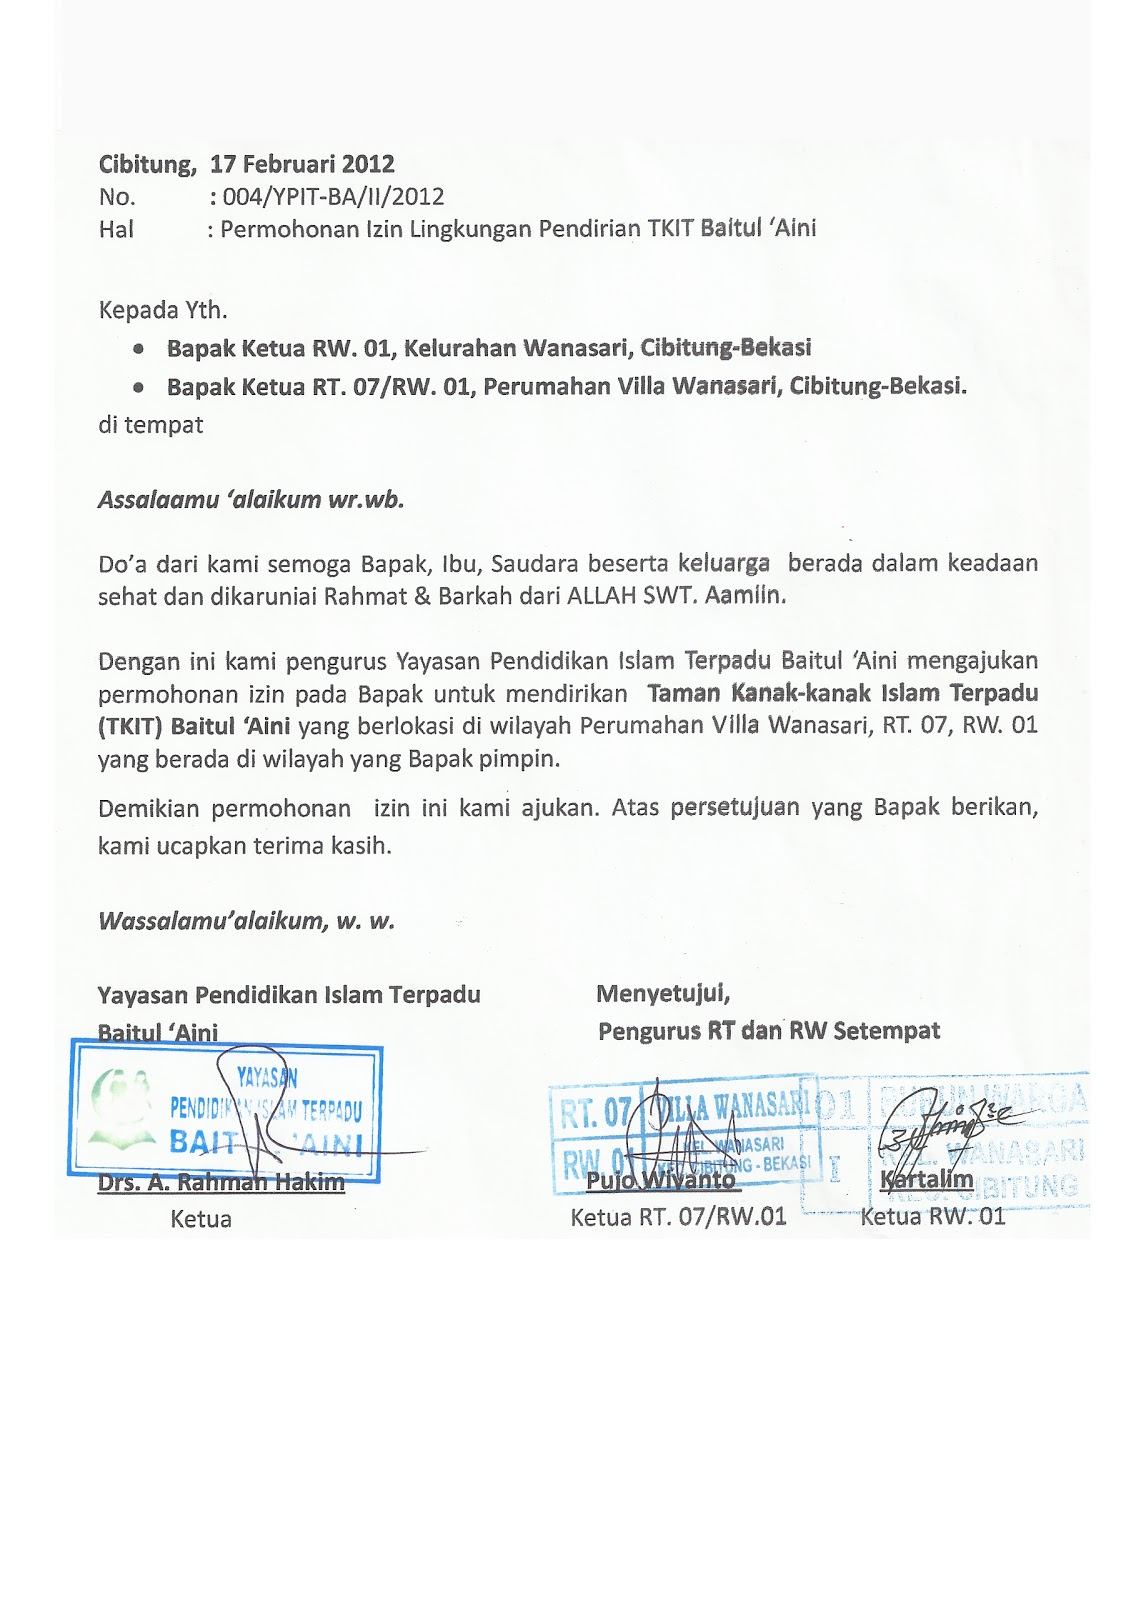 Contoh Surat Izin Lingkungan Mendirikan Yayasan, Sekolah, TK, PAUD ...